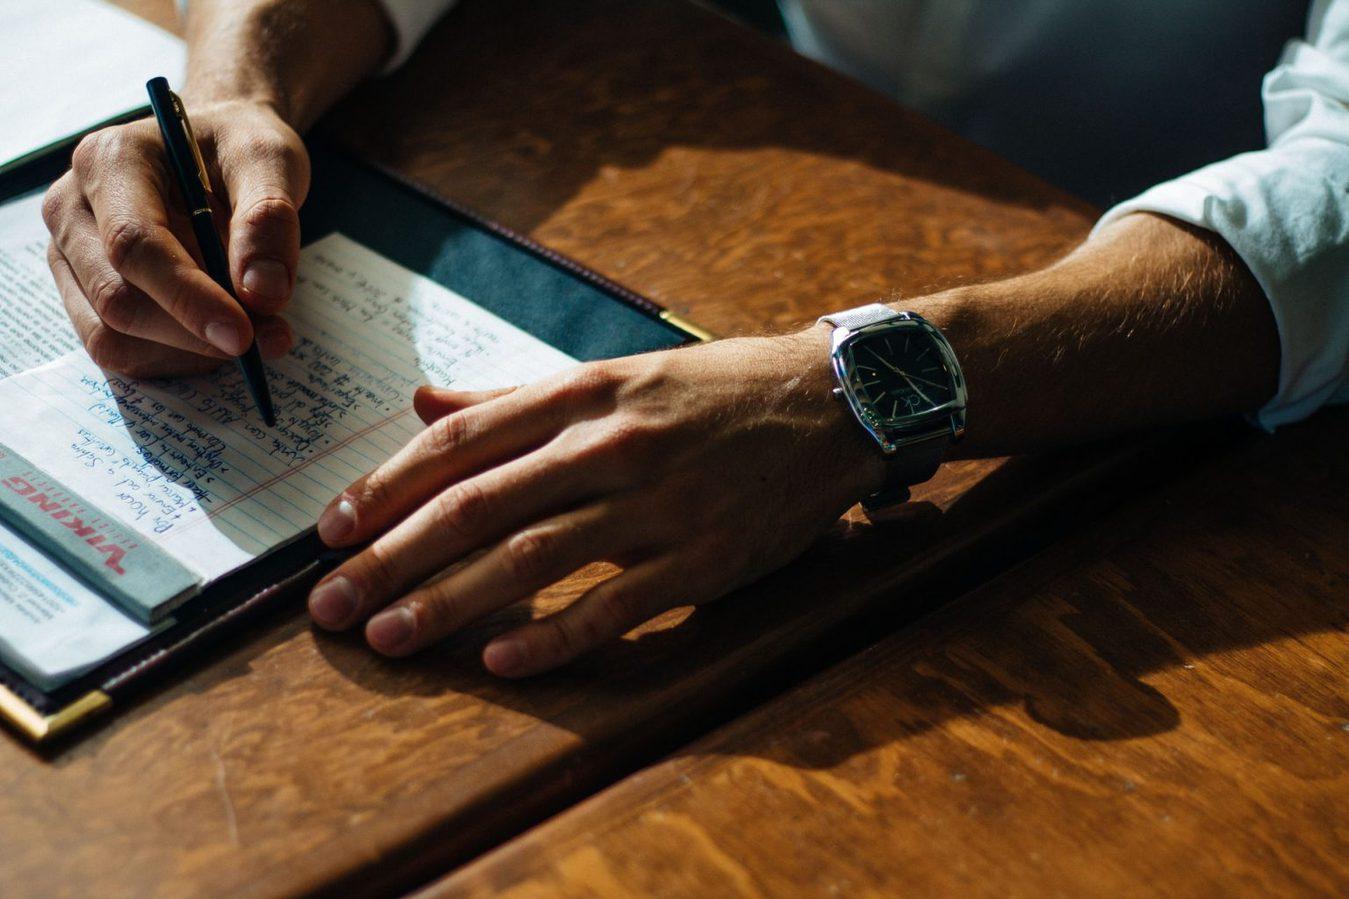 Człowiek piszący na papierze z bliskiej odległości